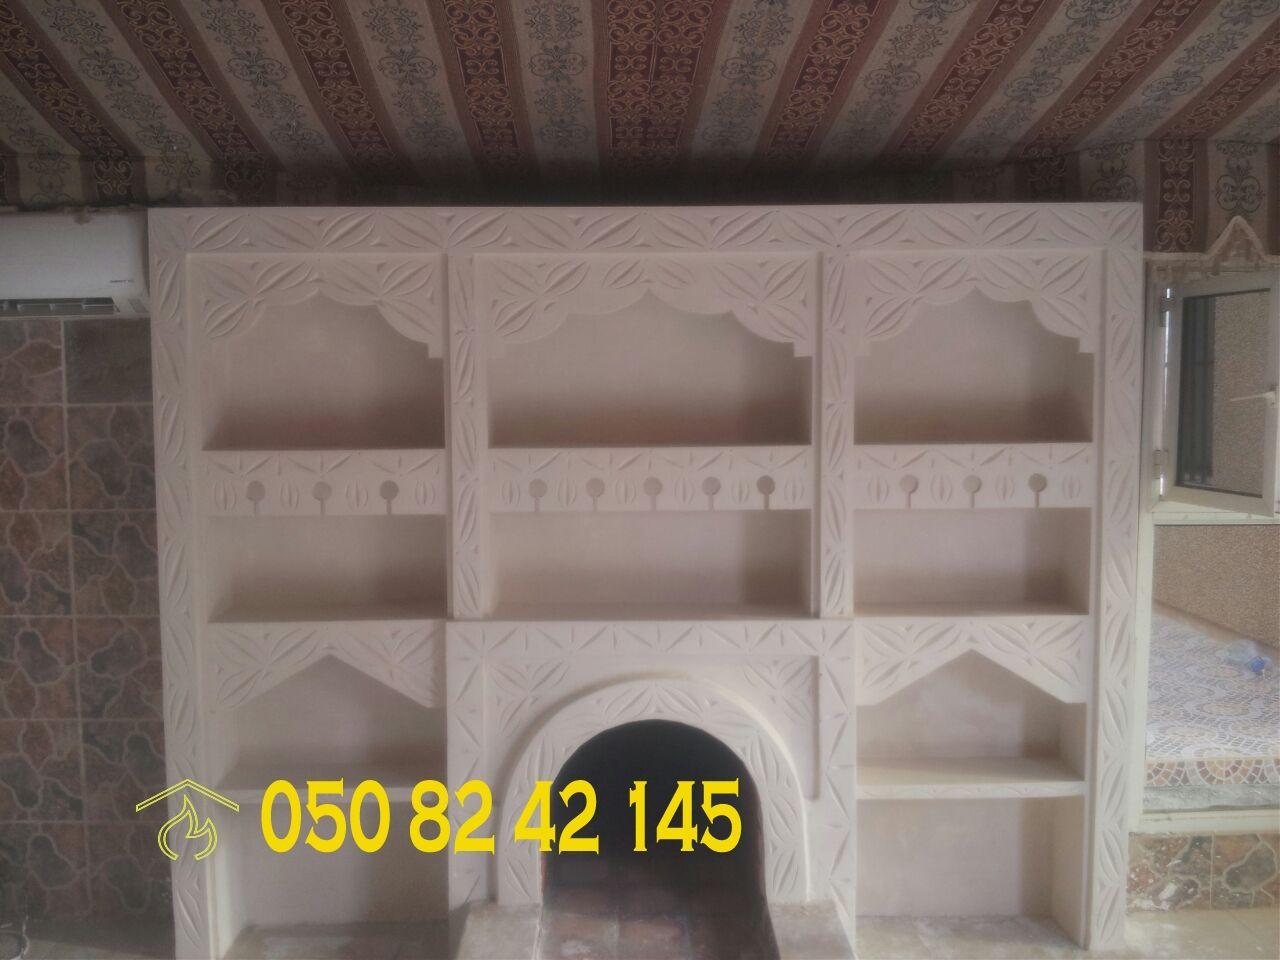 صور مشبات مشبات جبس مشب جبس دبكورات جبس احداث ديكورات جبس اجمل مشبات جبس Decor Bookcase Home Decor